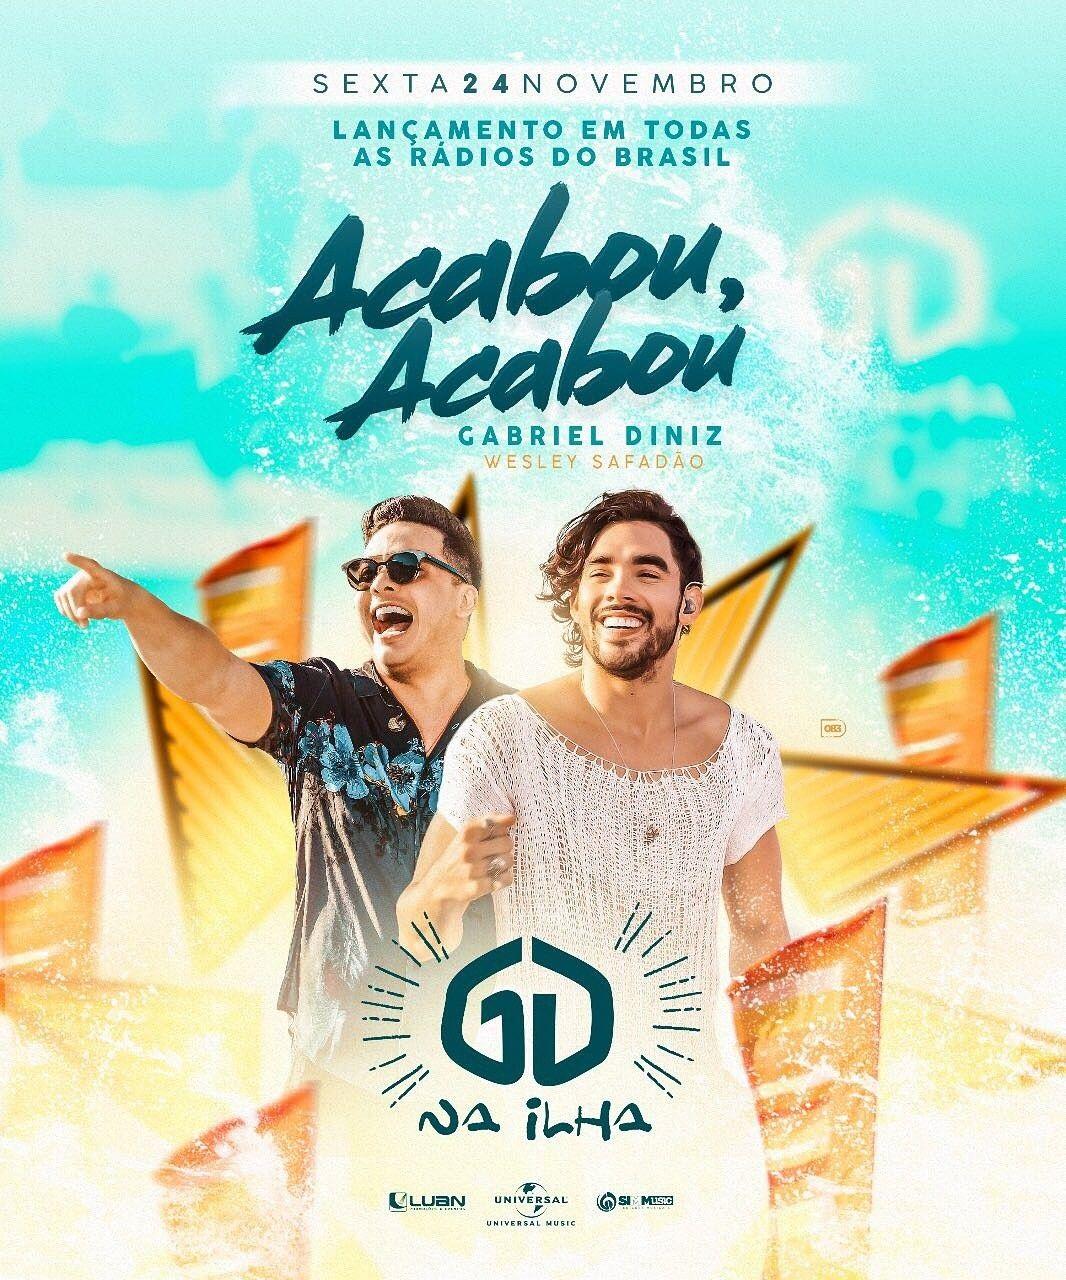 Nesta sexta-feira (24) tem lançamento do novo single do Gabriel Diniz! 09ddb36333